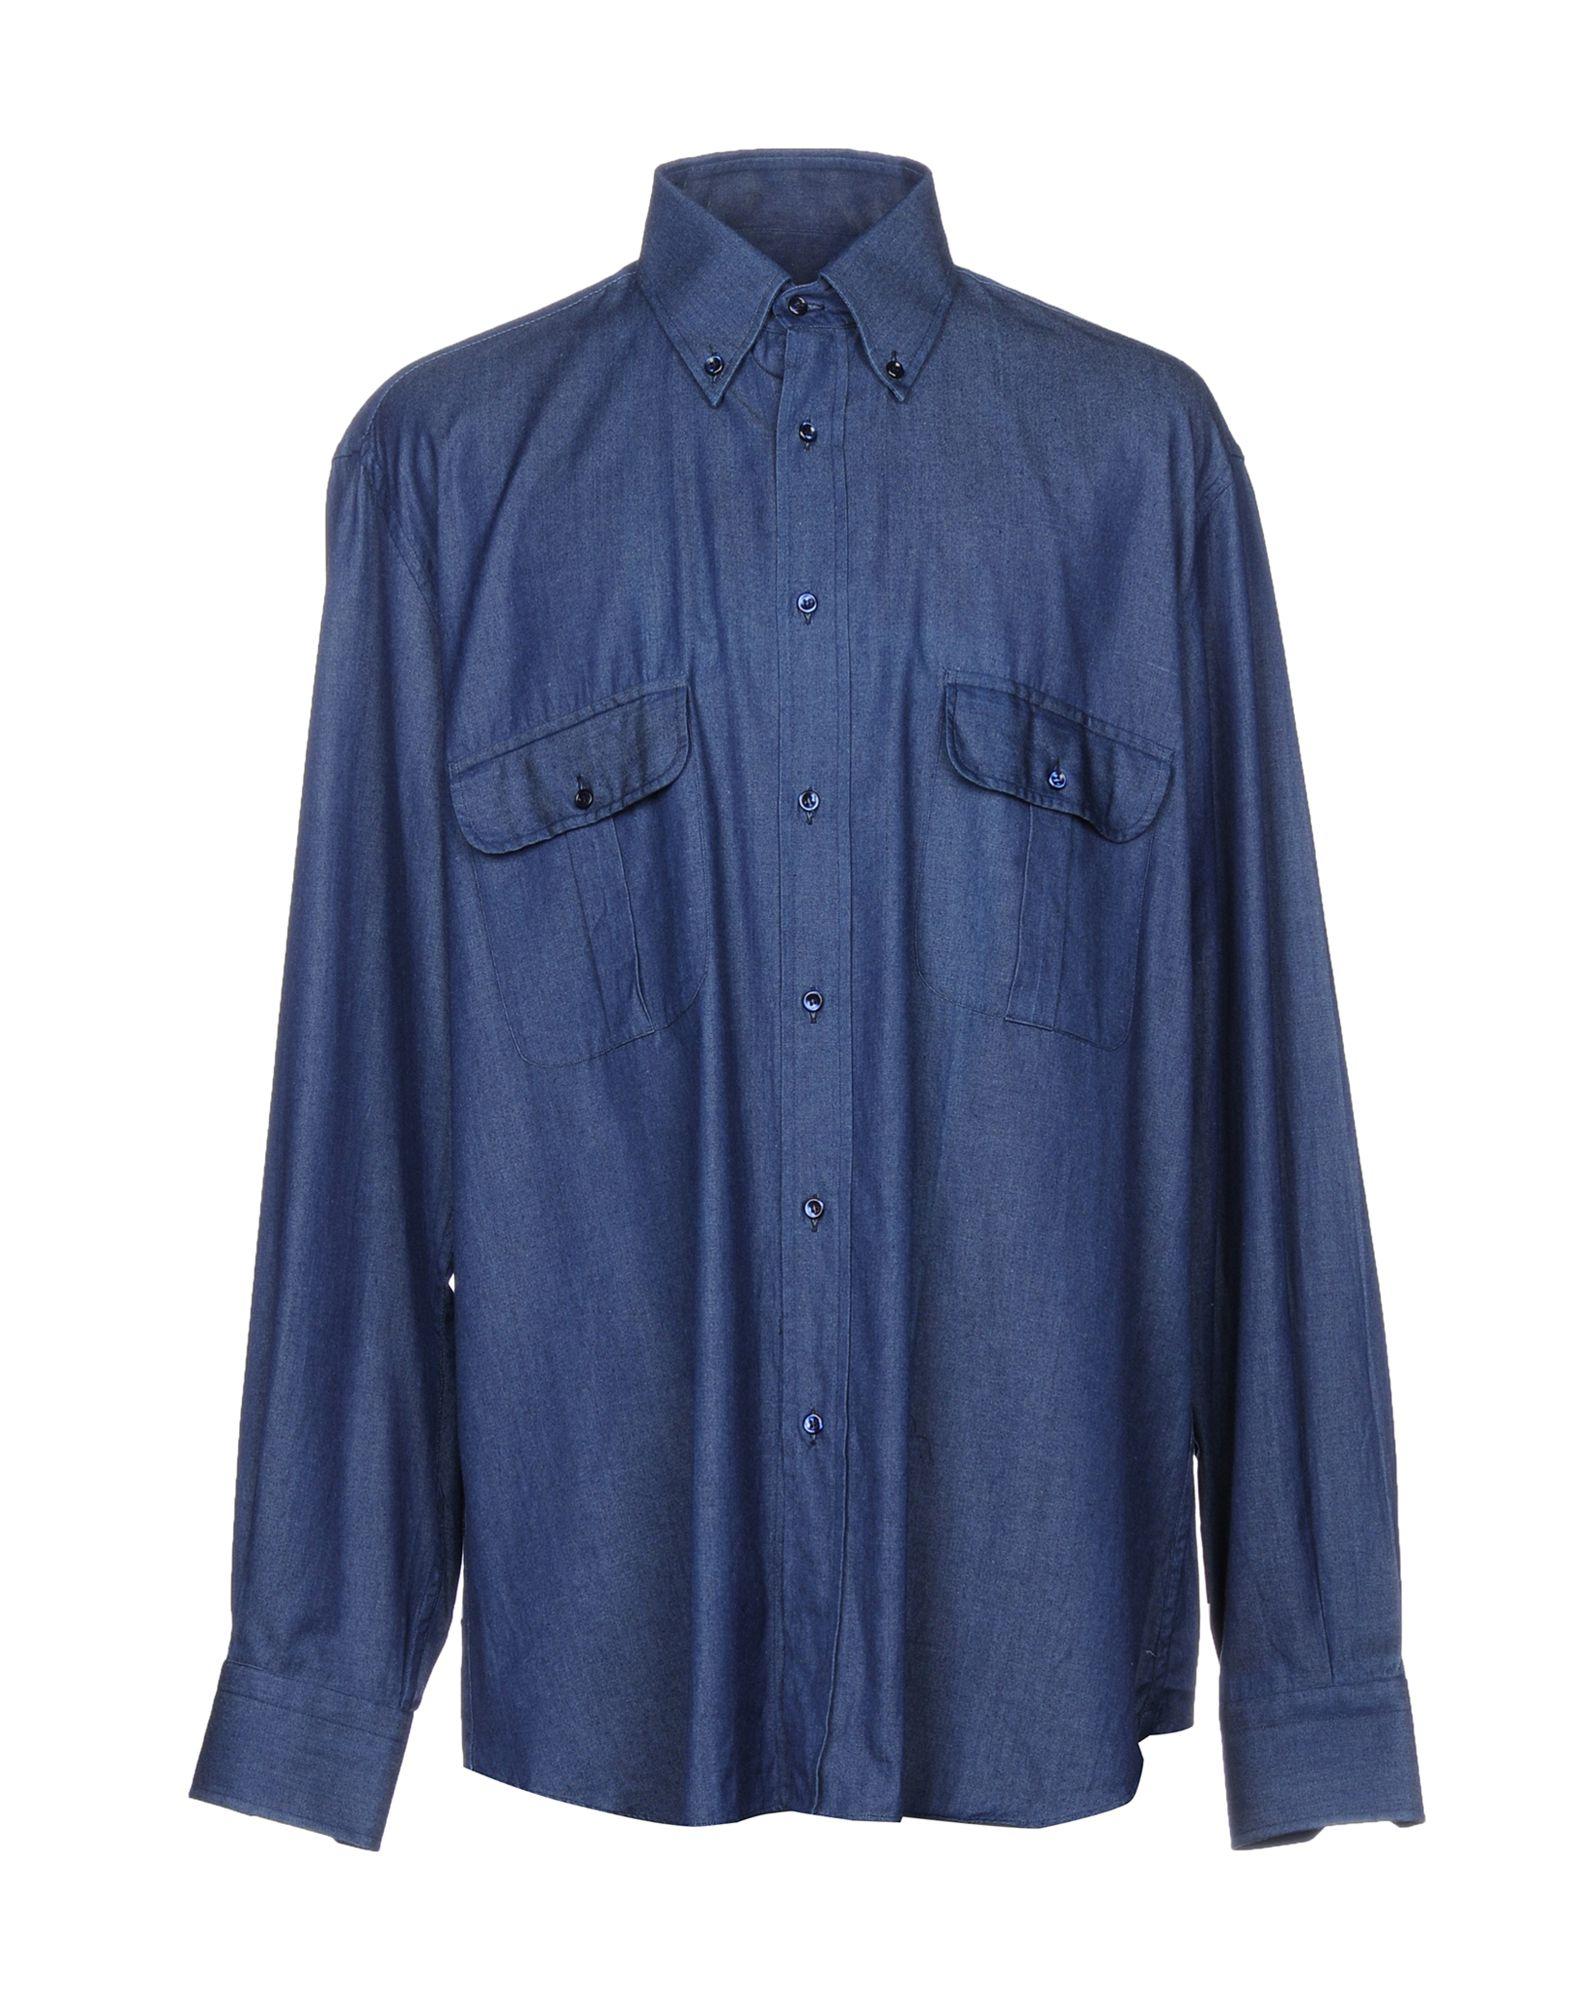 GIANMARCO BONAGA Джинсовая рубашка